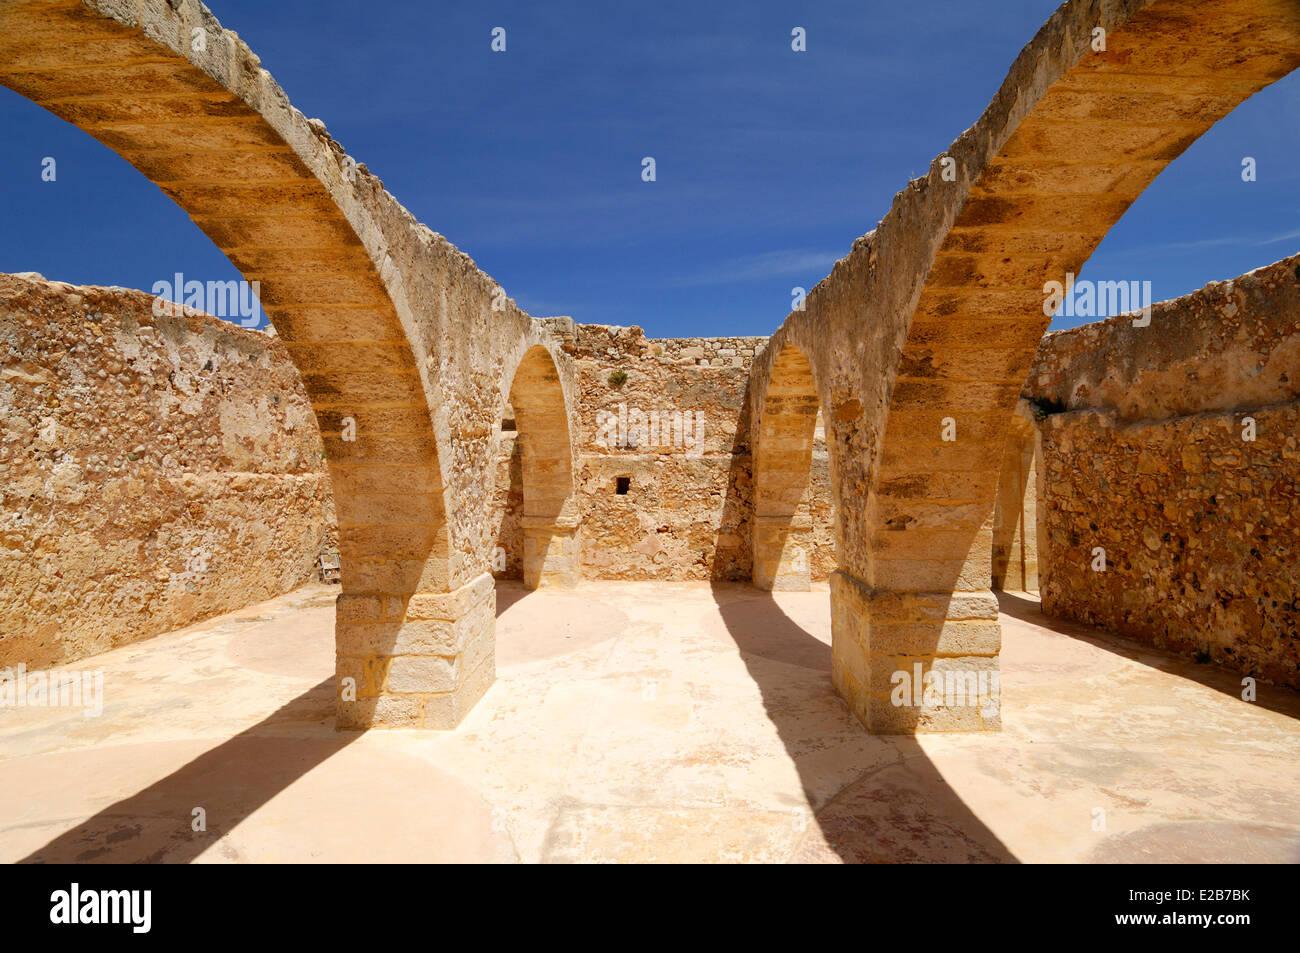 Greece, Crete, Rethymnon, Venetian fortress (Fortezza), ruins of arches Stock Photo